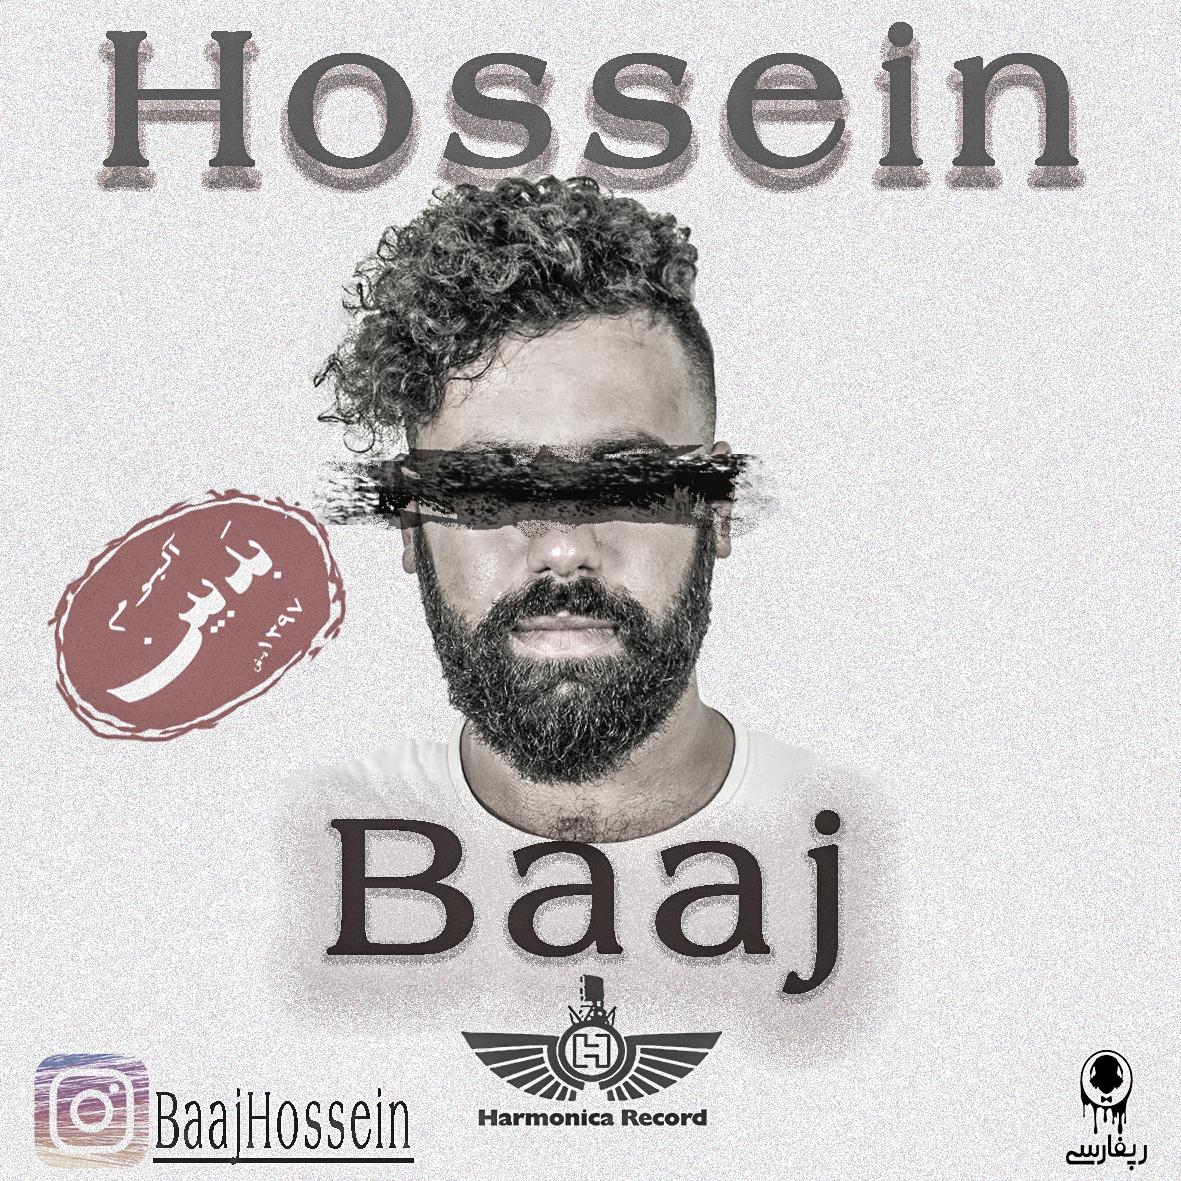 Hossein Baaj